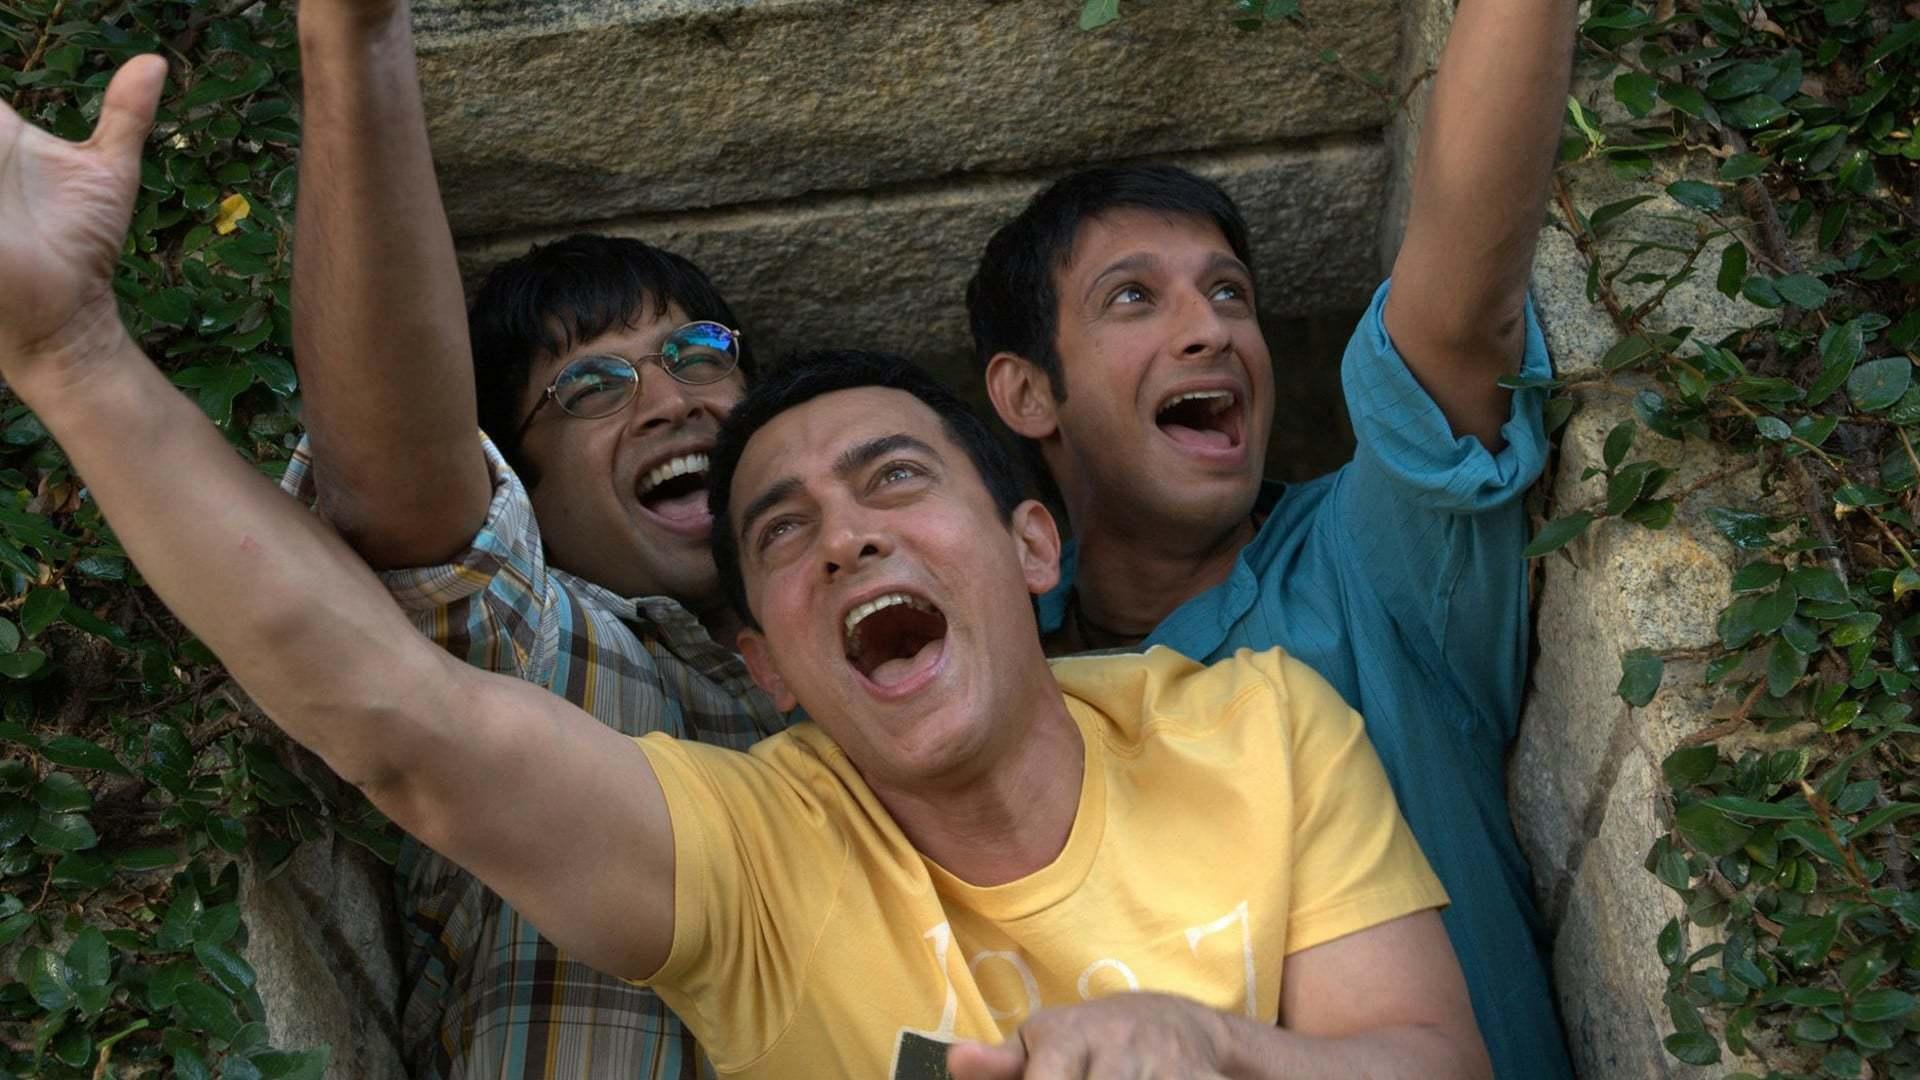 Кадры из фильма Три идиота 3 Idiots 2009